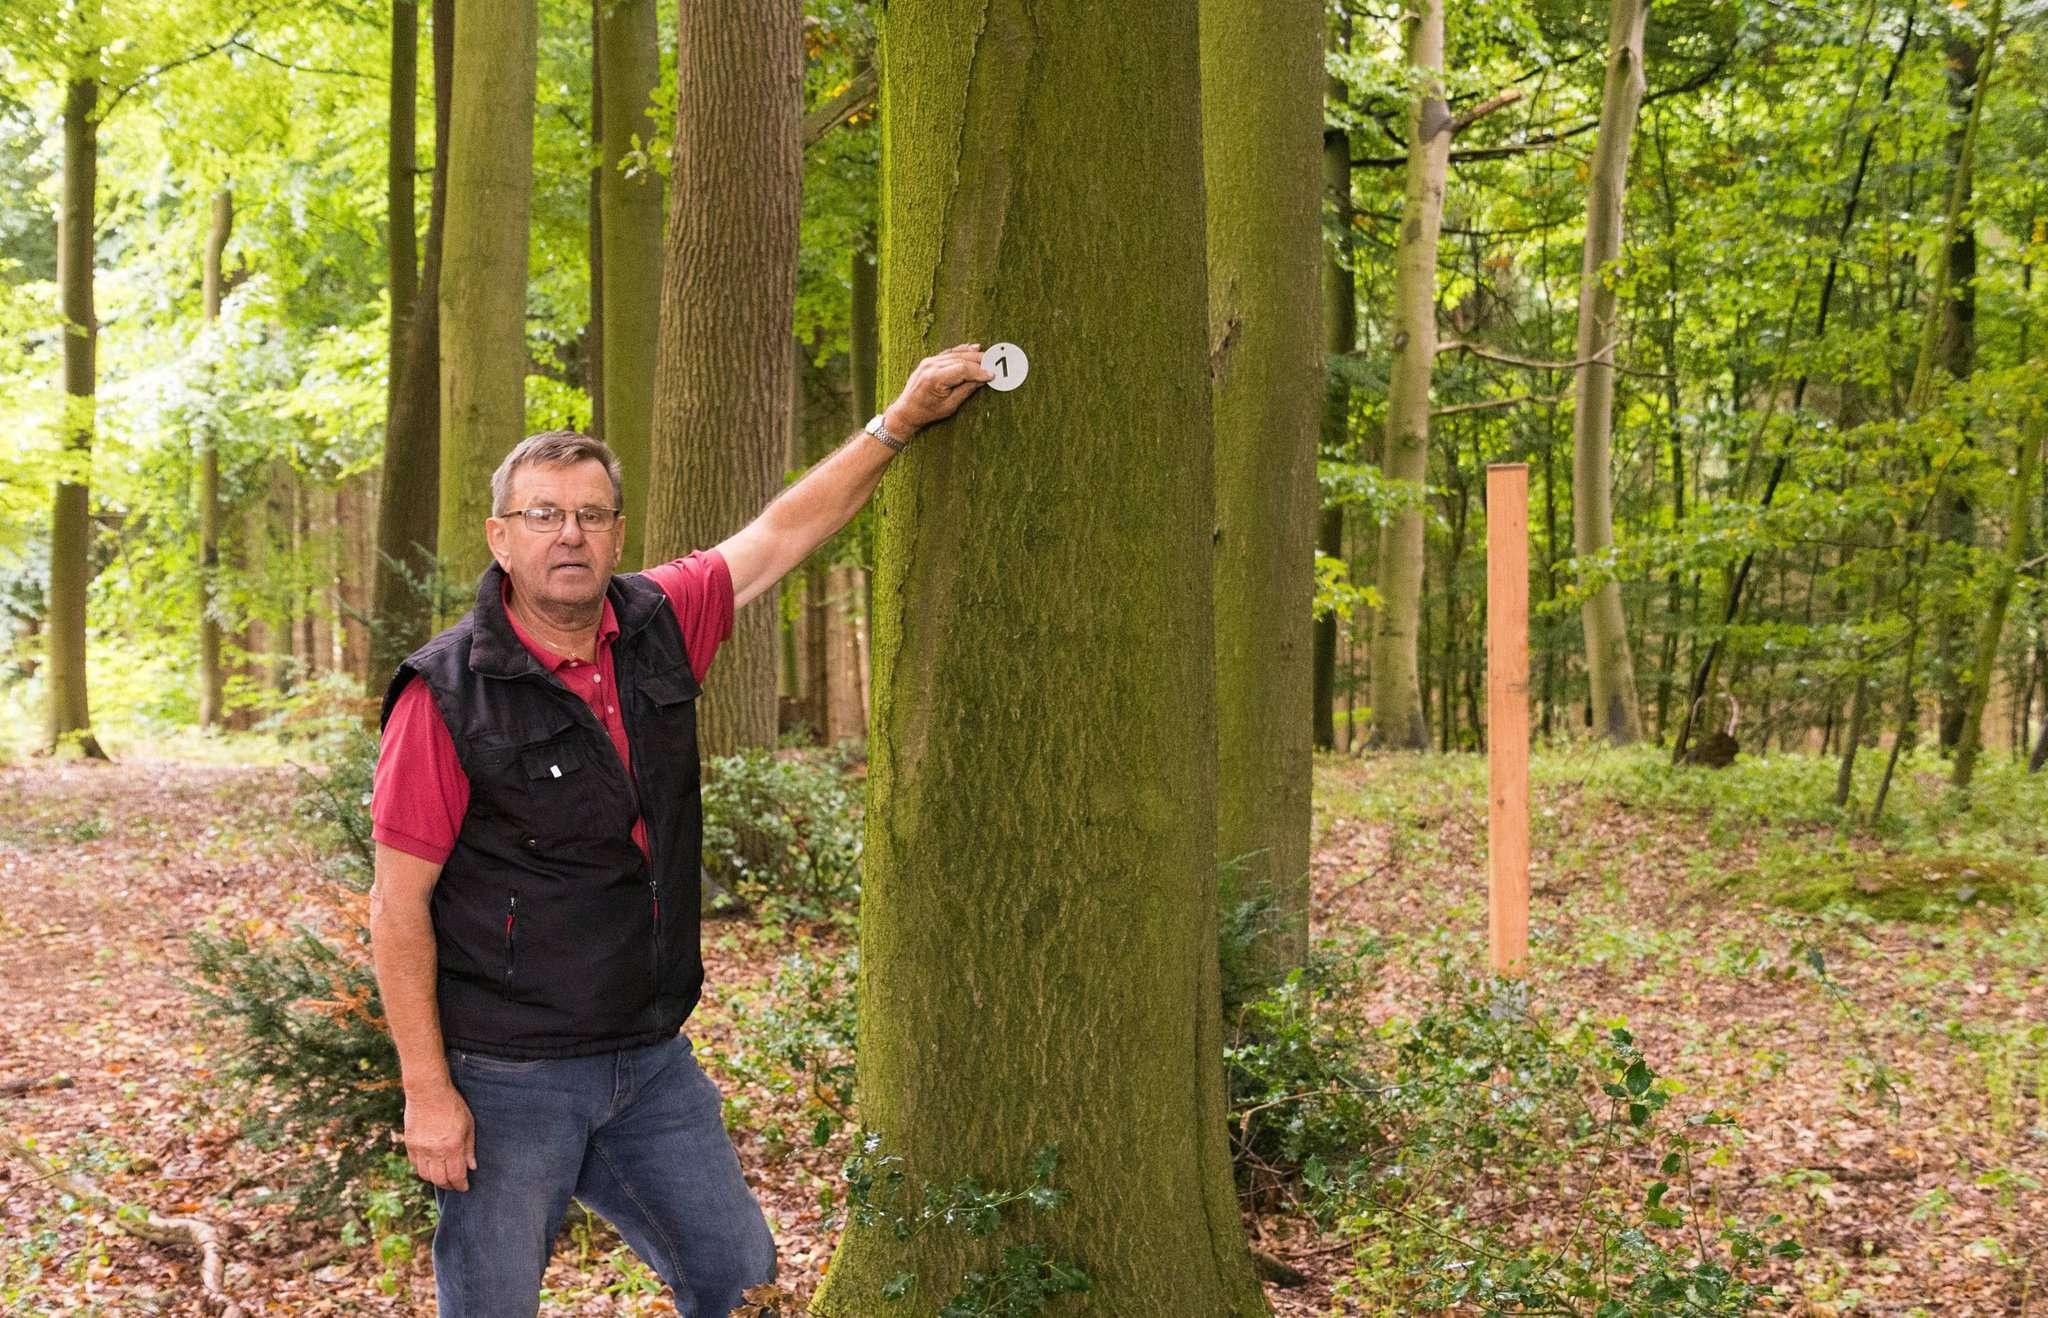 Jeder Baum auf dem Waldfriedhof ist mit einer Nummer aus Aluminium versehen, erläutert der Vorsitzende des Realverbands, Heino Dreyer. Foto: Klaus-Dieter Plage